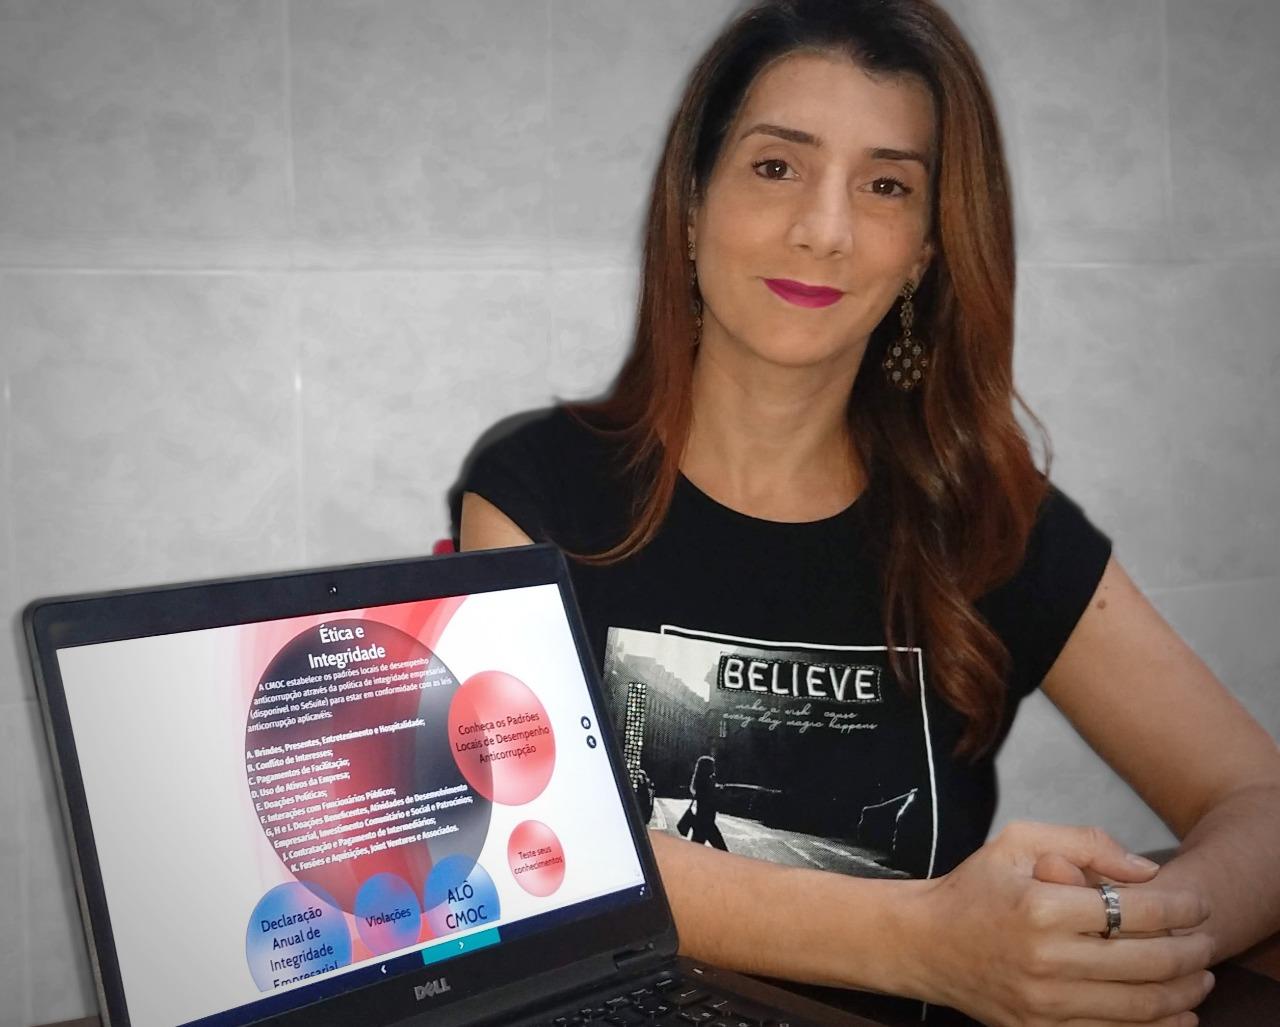 Fernanda Queiroz, analista de Governança e Controles Internos da CMOC acompanhou todas as declarações do Programa Anual de Integridade